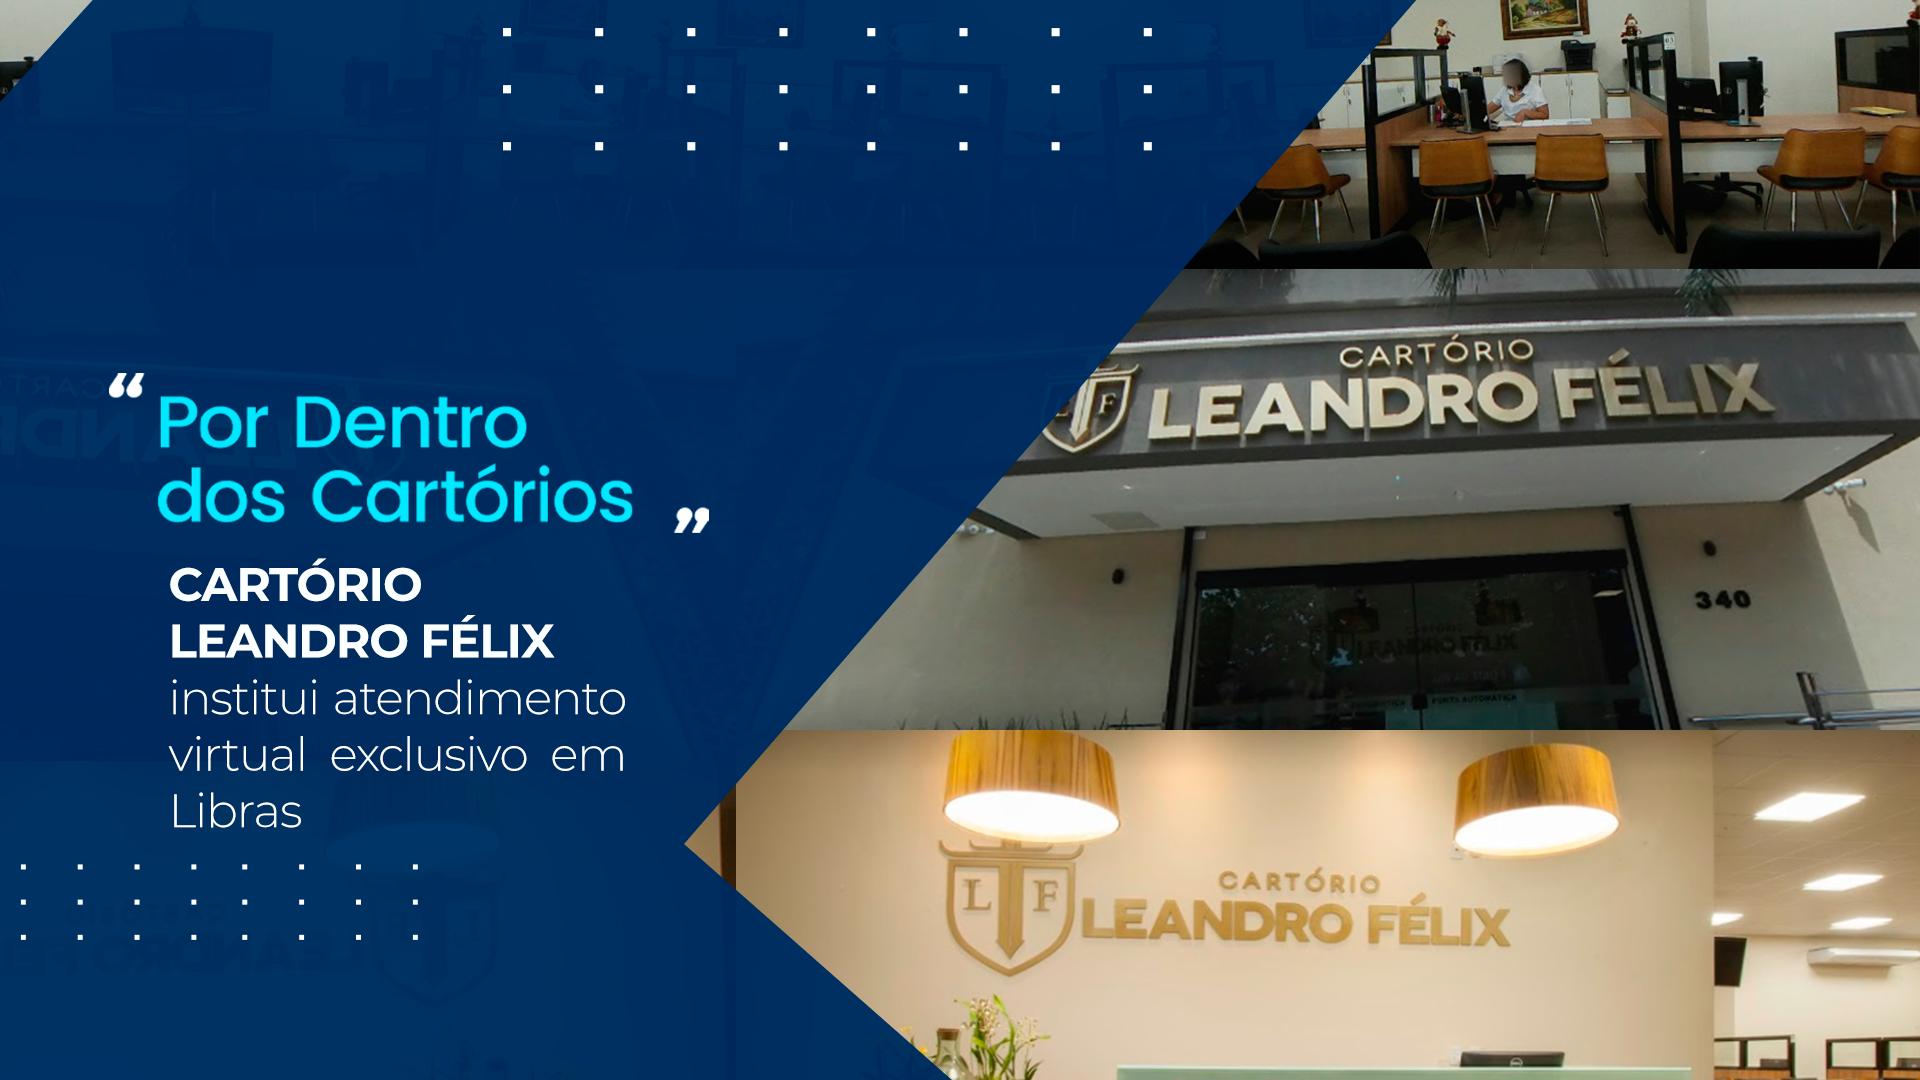 Cartório Leandro Félix Institui Atendimento Virtual Exclusivo Em Libras